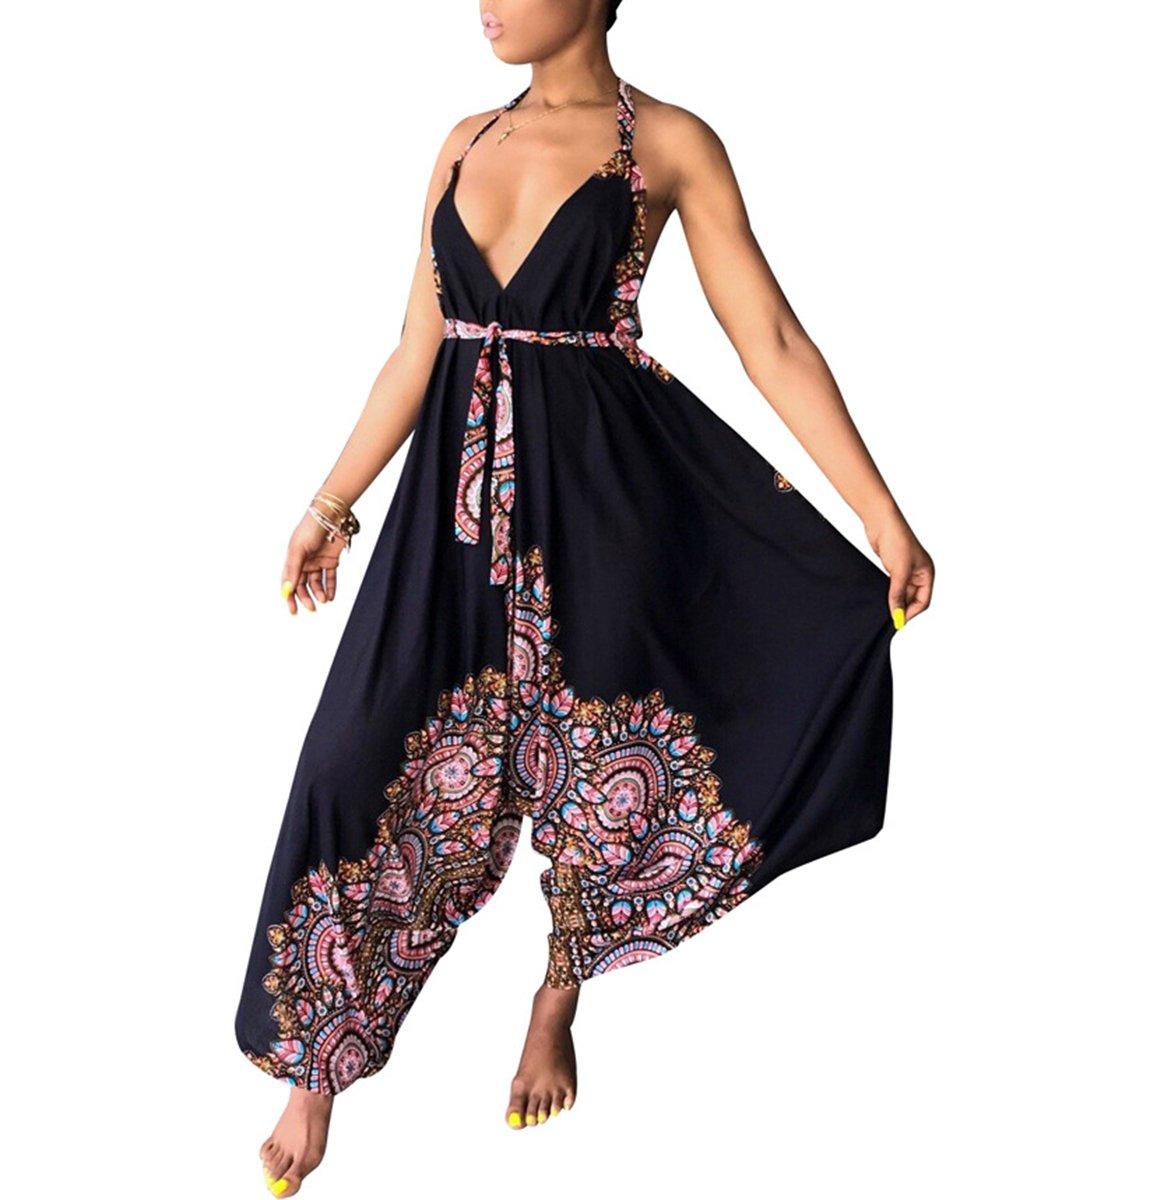 Lunaya Womens Summer African Printed Spaghetti Strap Halter V Neck Loose Fit Harem Jumpsuit Rompers Black Flower XL